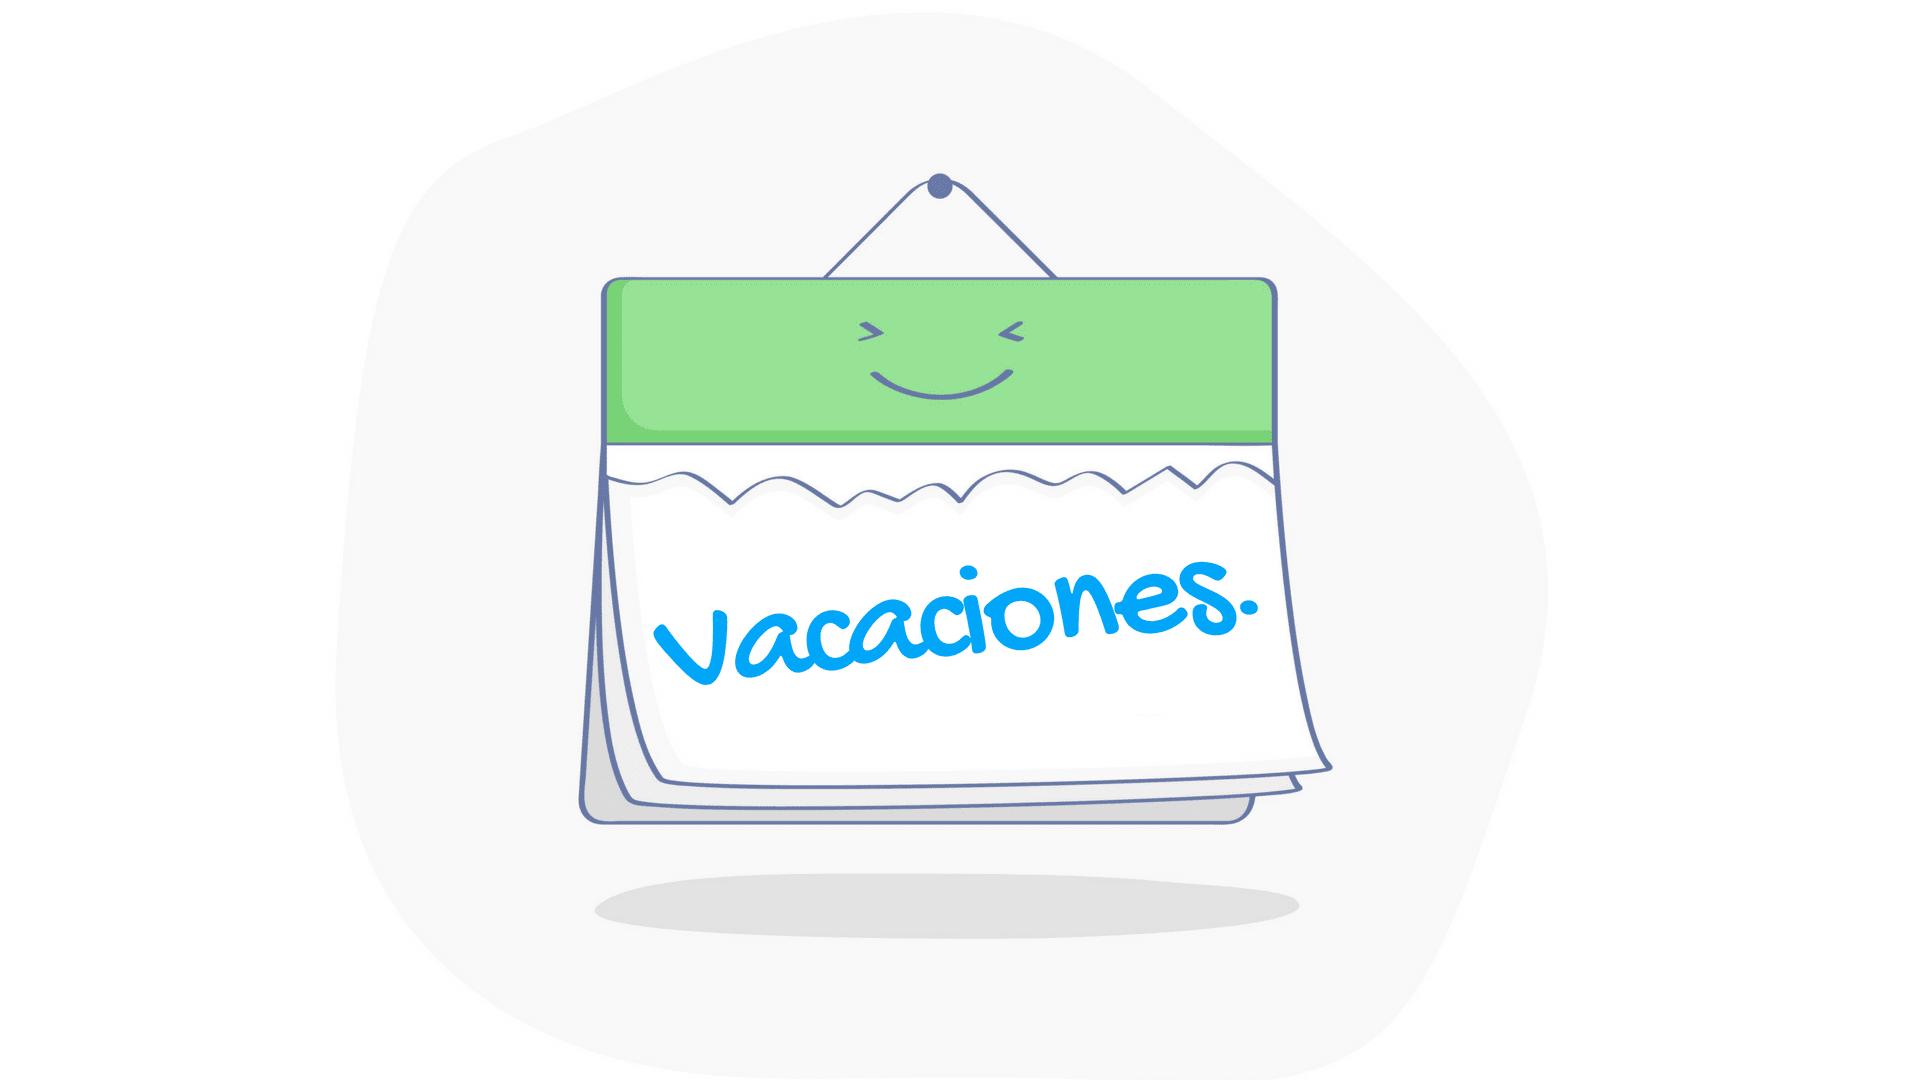 Ventajas y desventajas de darse de baja como autónomo en vacaciones